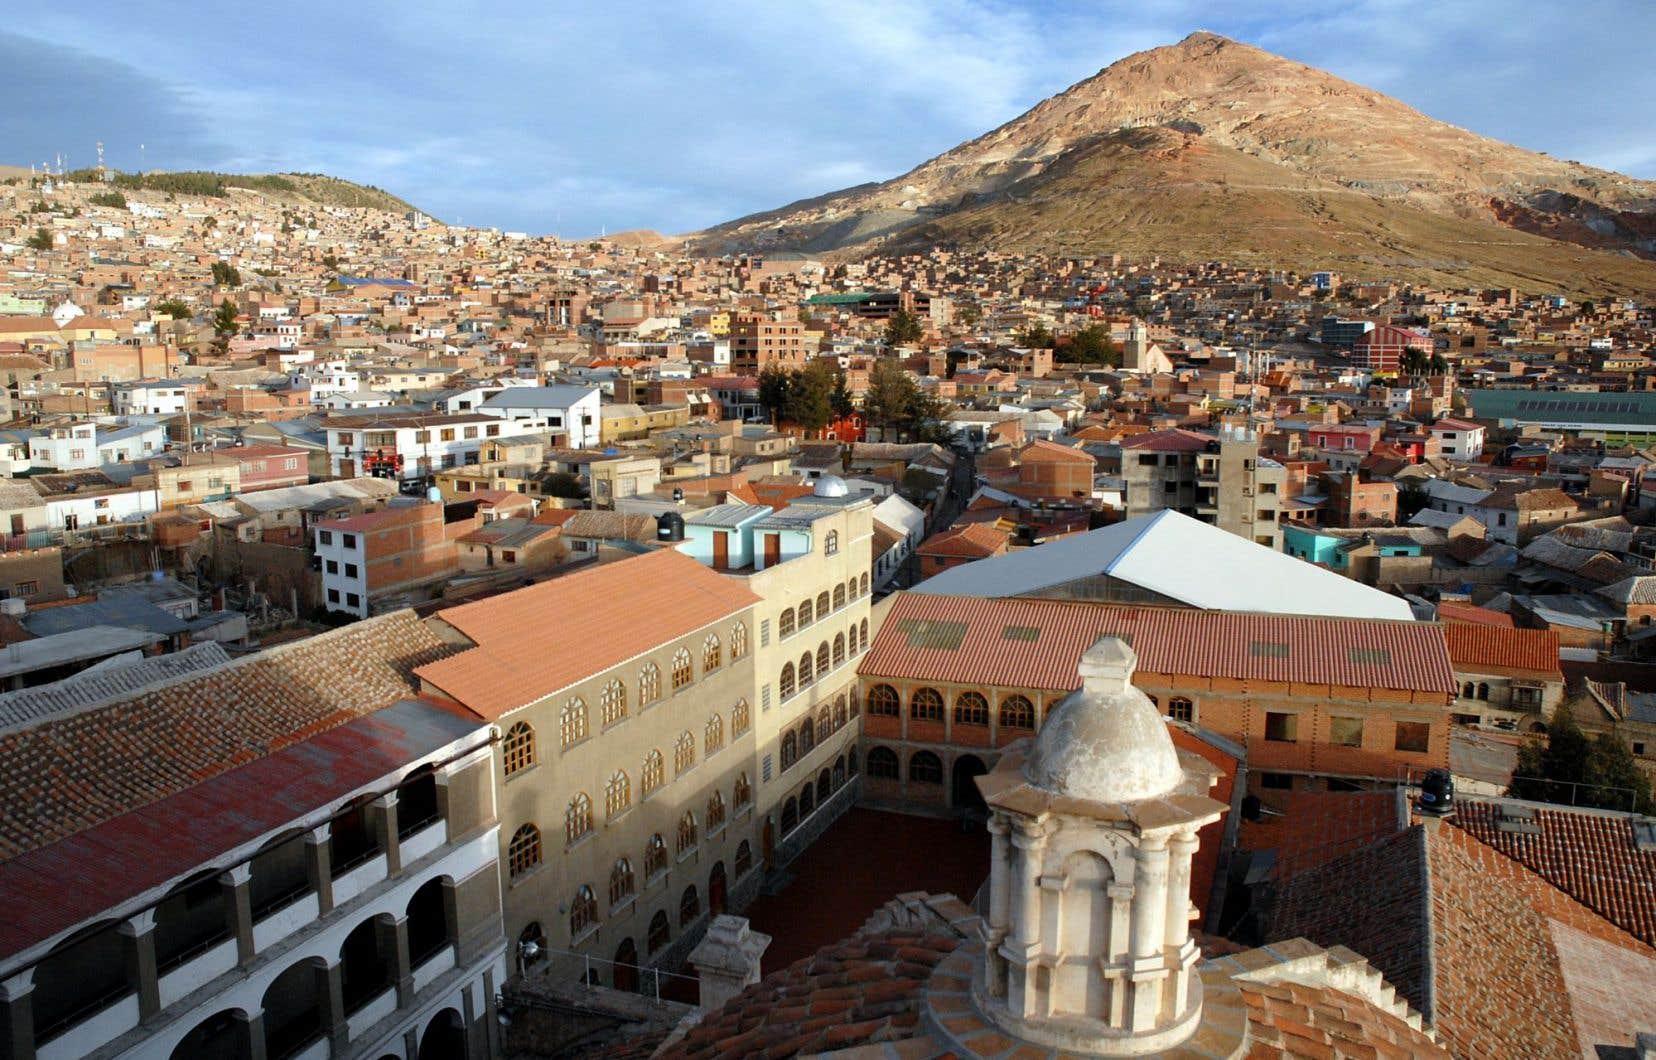 Le Cerro Rico, la «montagne riche» truffée de galeries, domine Potosi du haut de ses 4700 mètres.